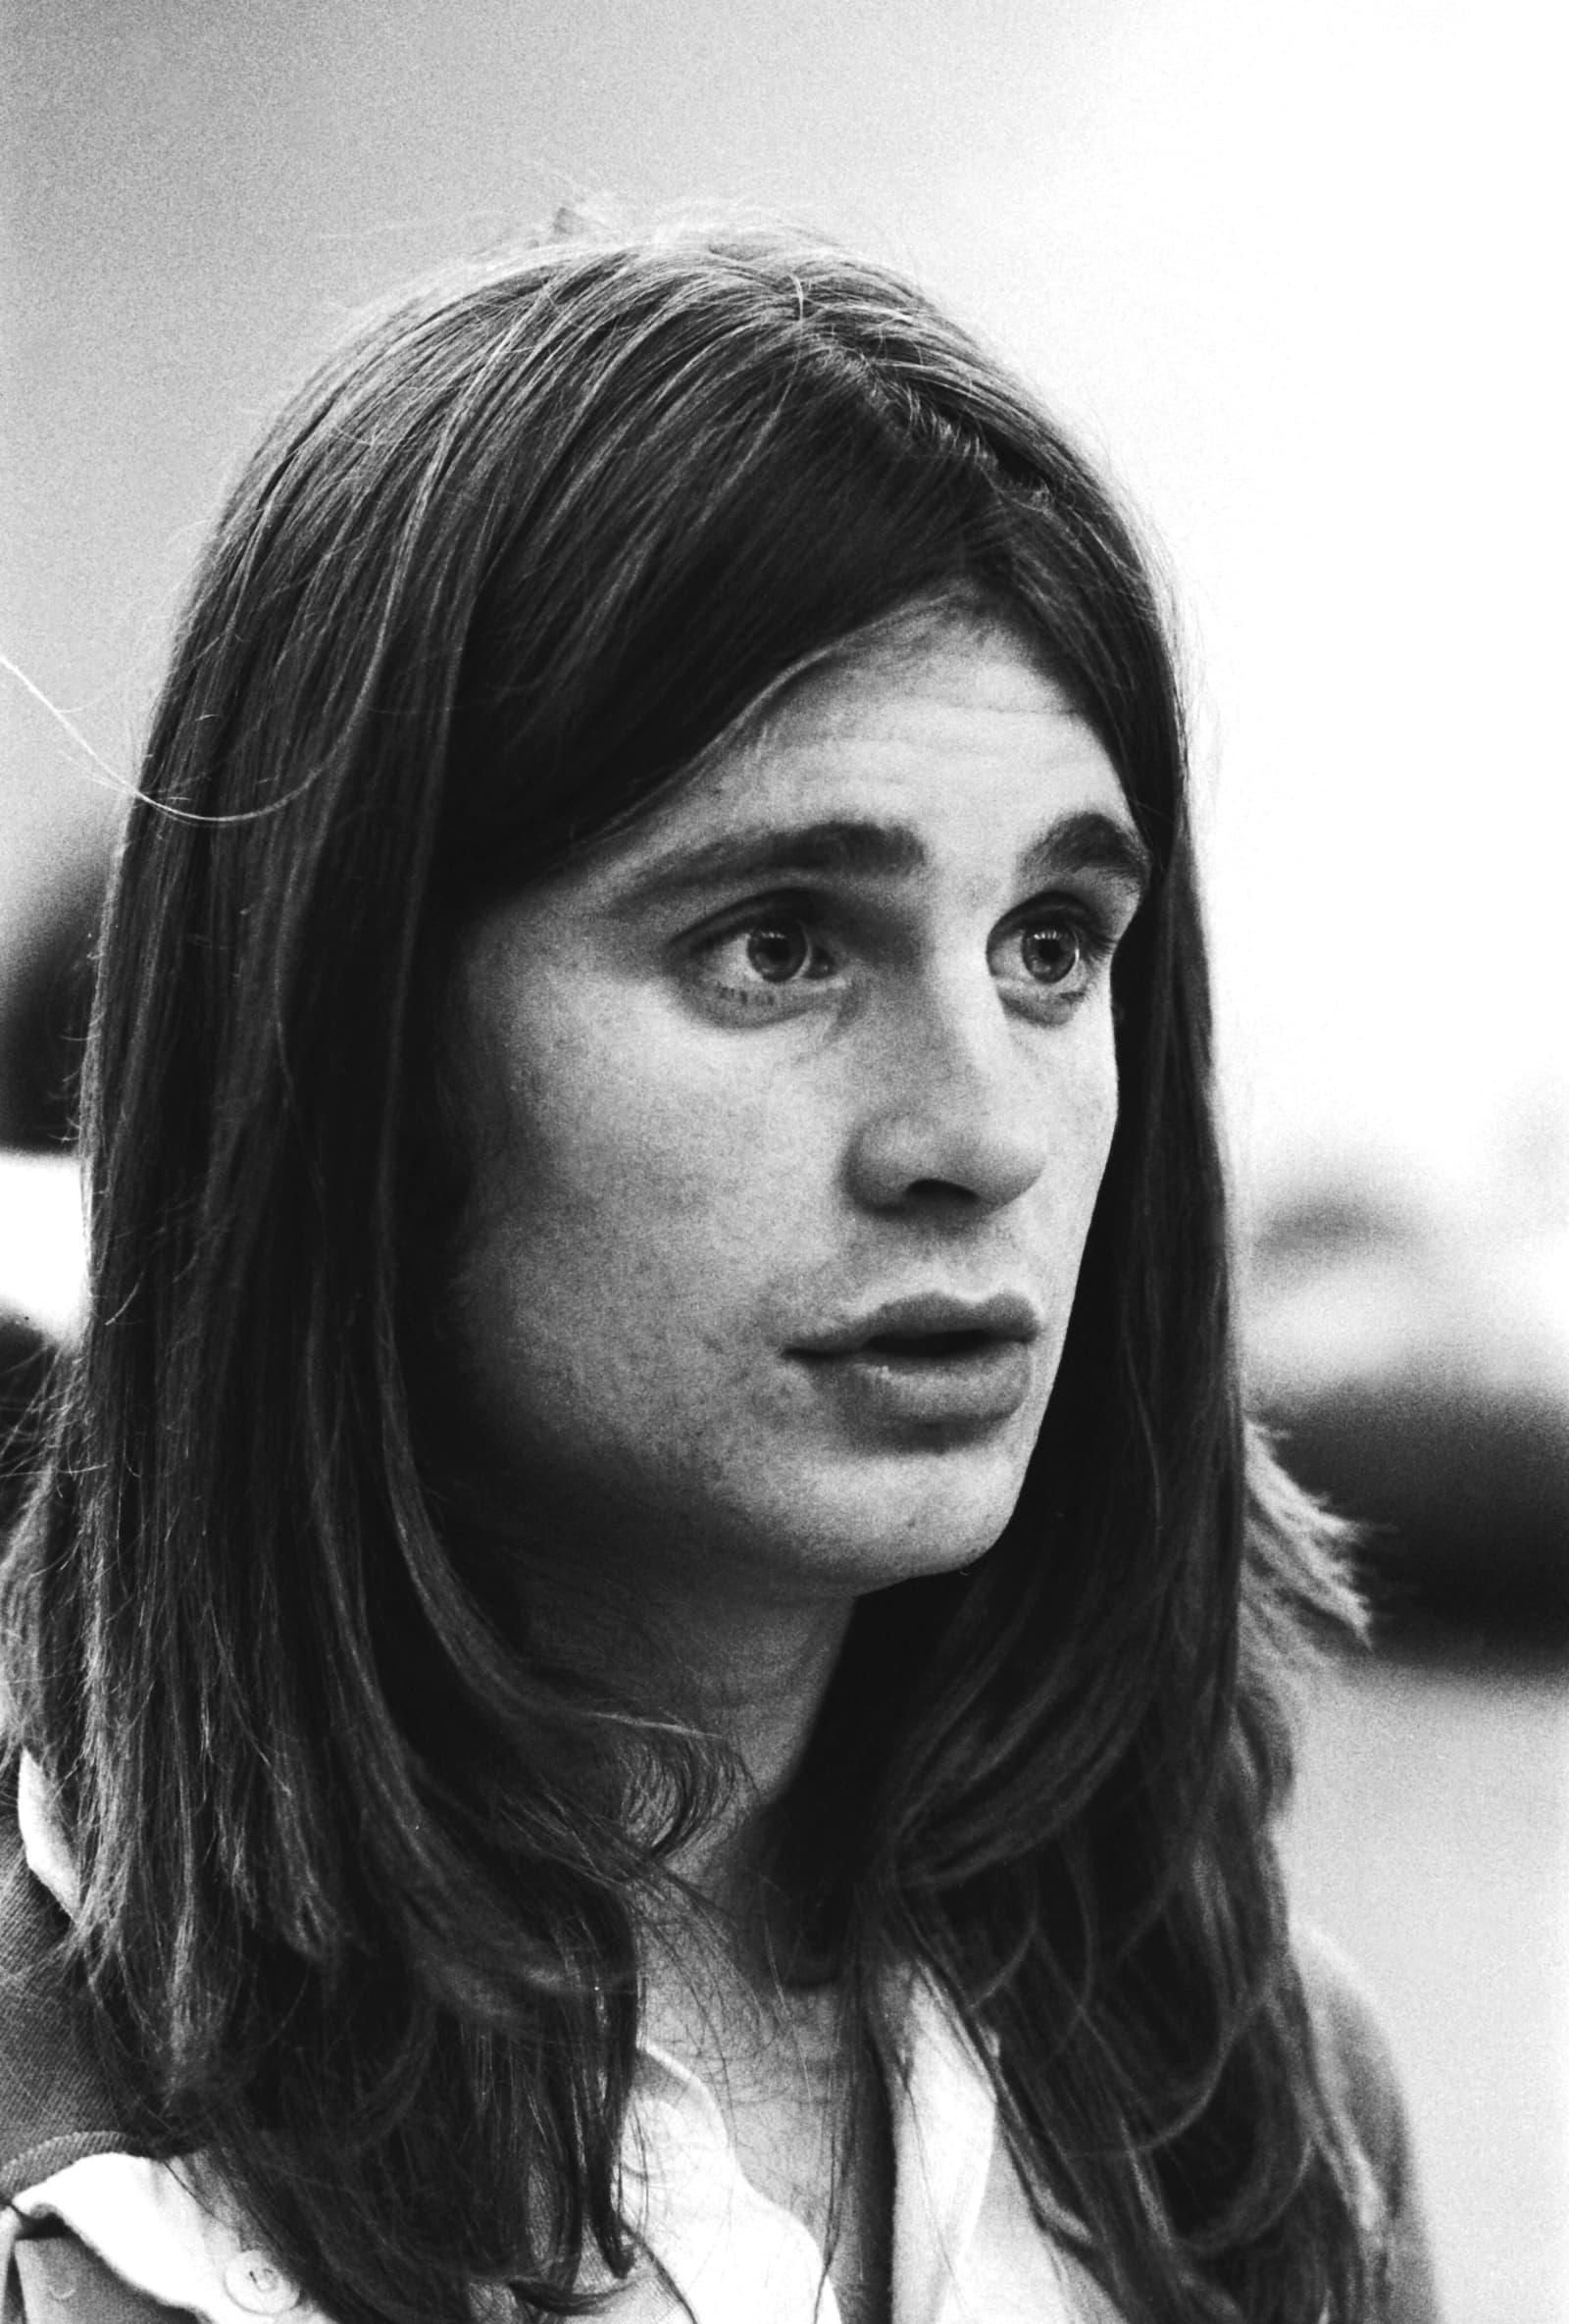 Ozzy Osbourne jung: So sah der Schock-Rocker früher aus